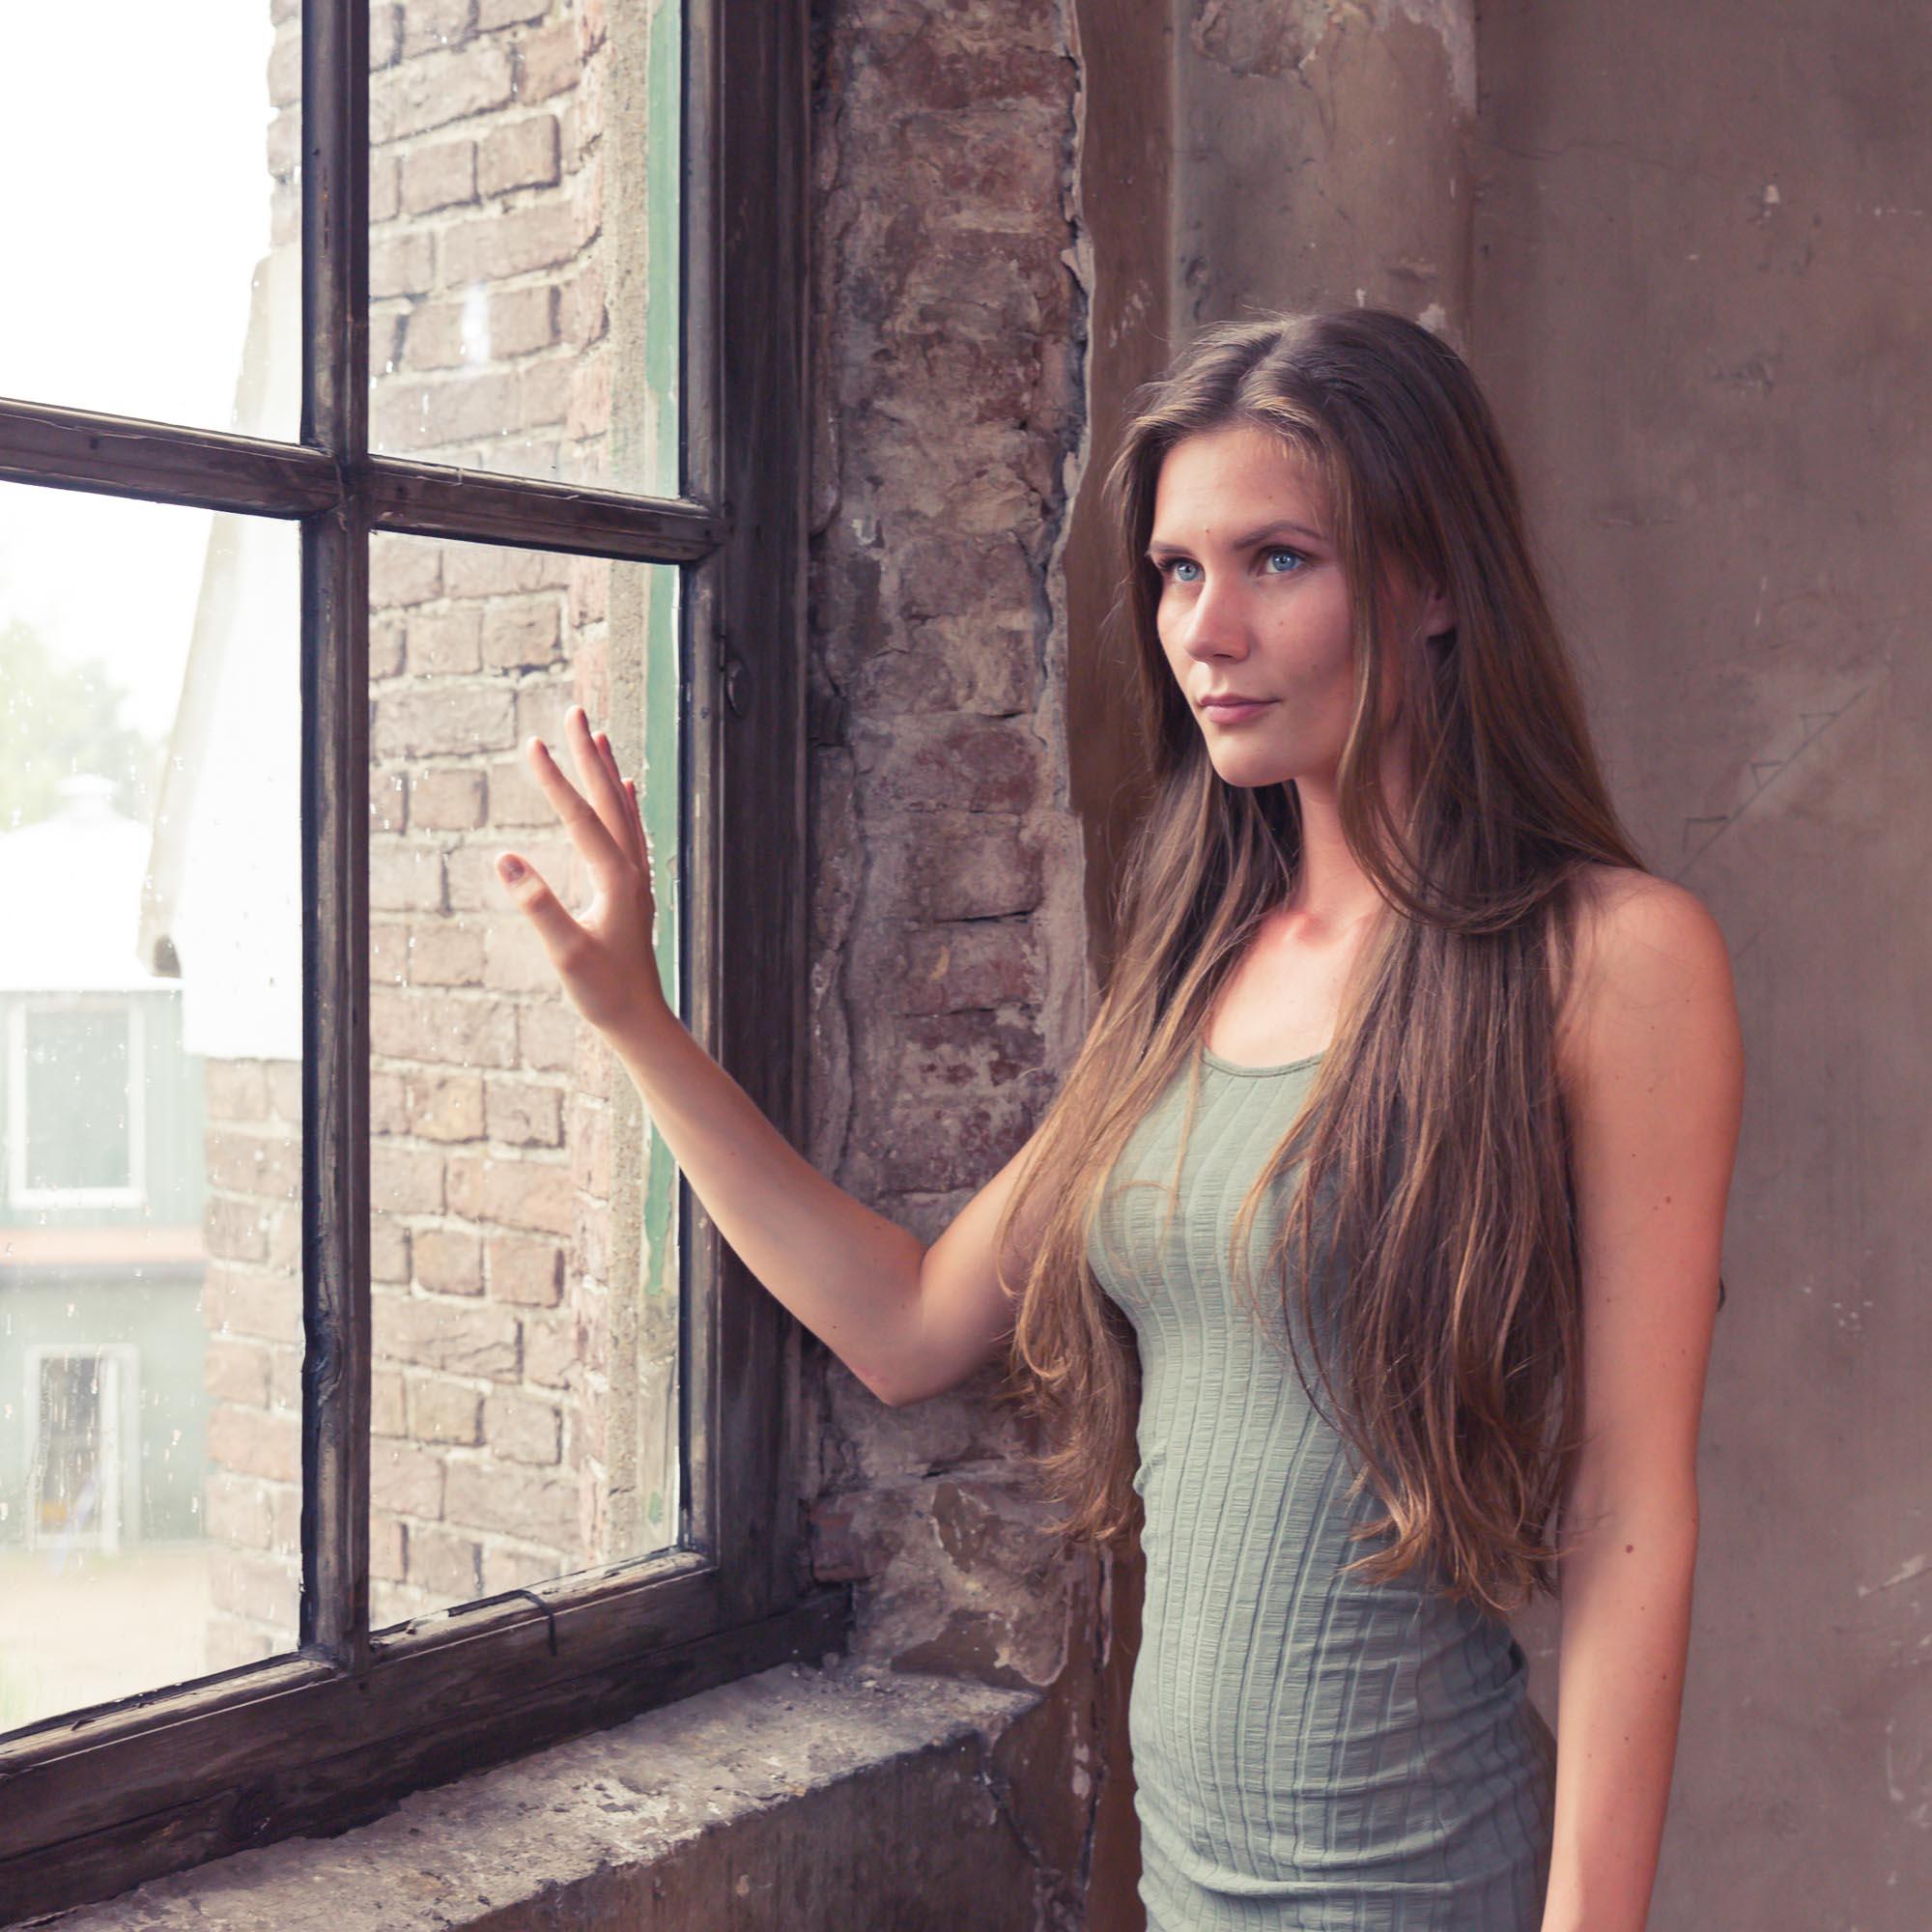 Tiener portretfotograaf in Amersfoort. Tienerportret door Mayra Fotografie. Tiener fotoshoot. Fotograaf Amersfoort. Fotograaf Nijkerk. Fotograaf Hoevelaken.